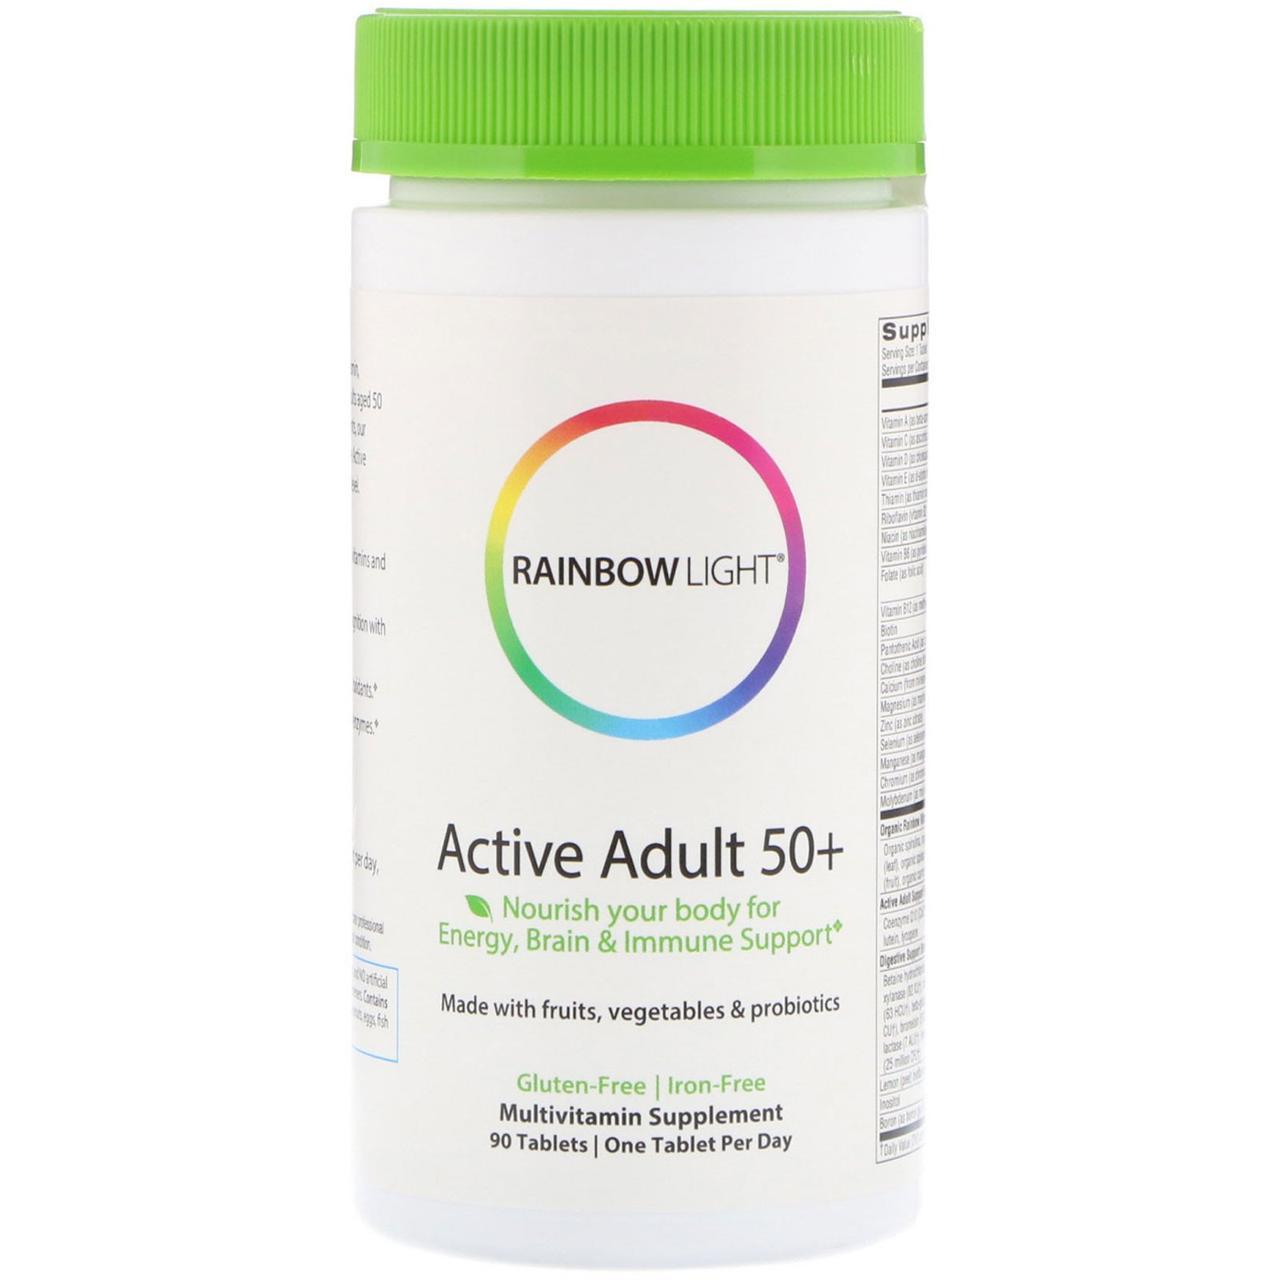 """Биодобавка для пожилых людей """"Активная зрелость 50+"""" от Rainbow Light, 90 таблеток"""